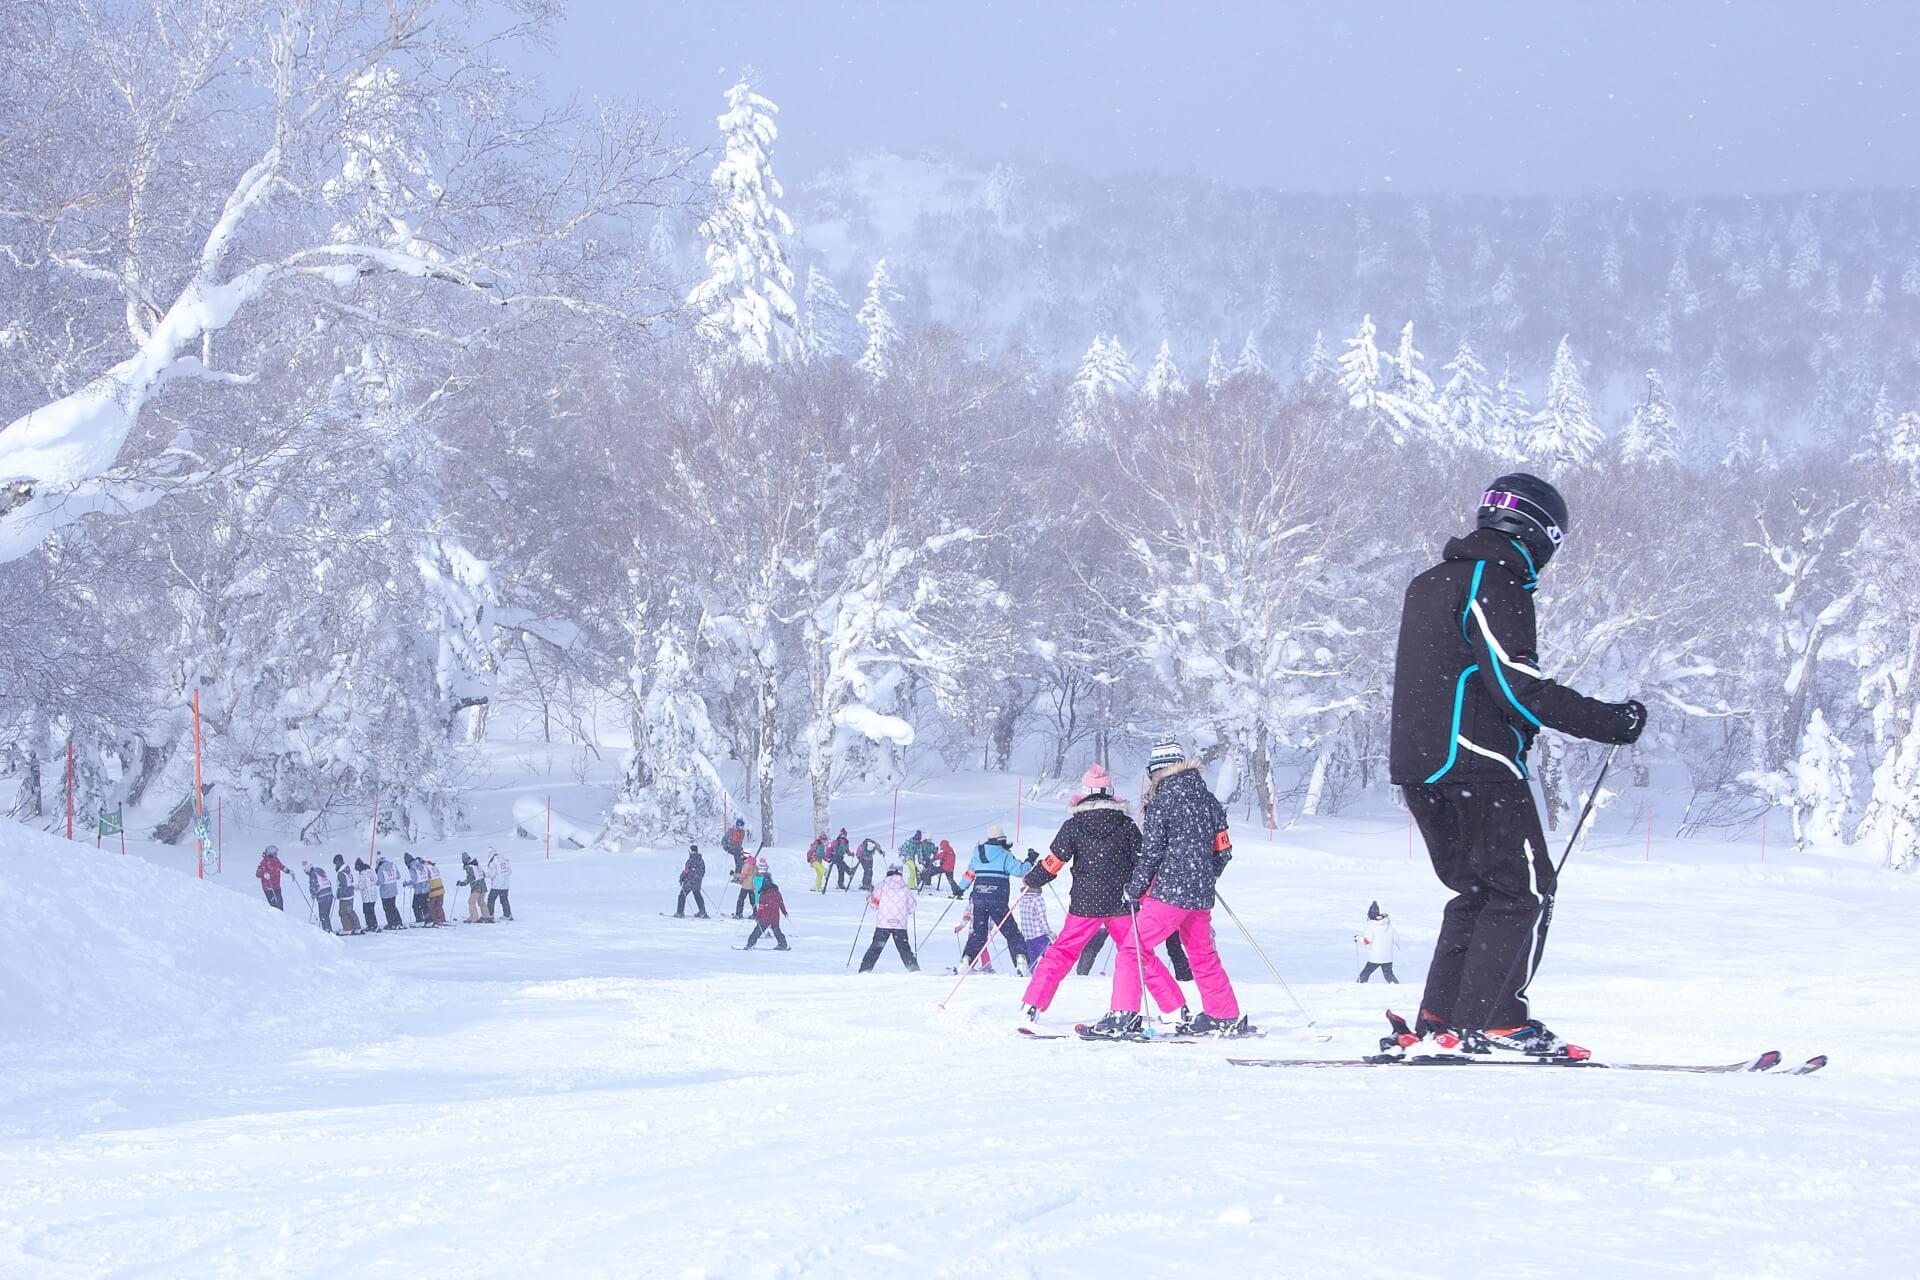 スキーツアーなら軽井沢がオススメ